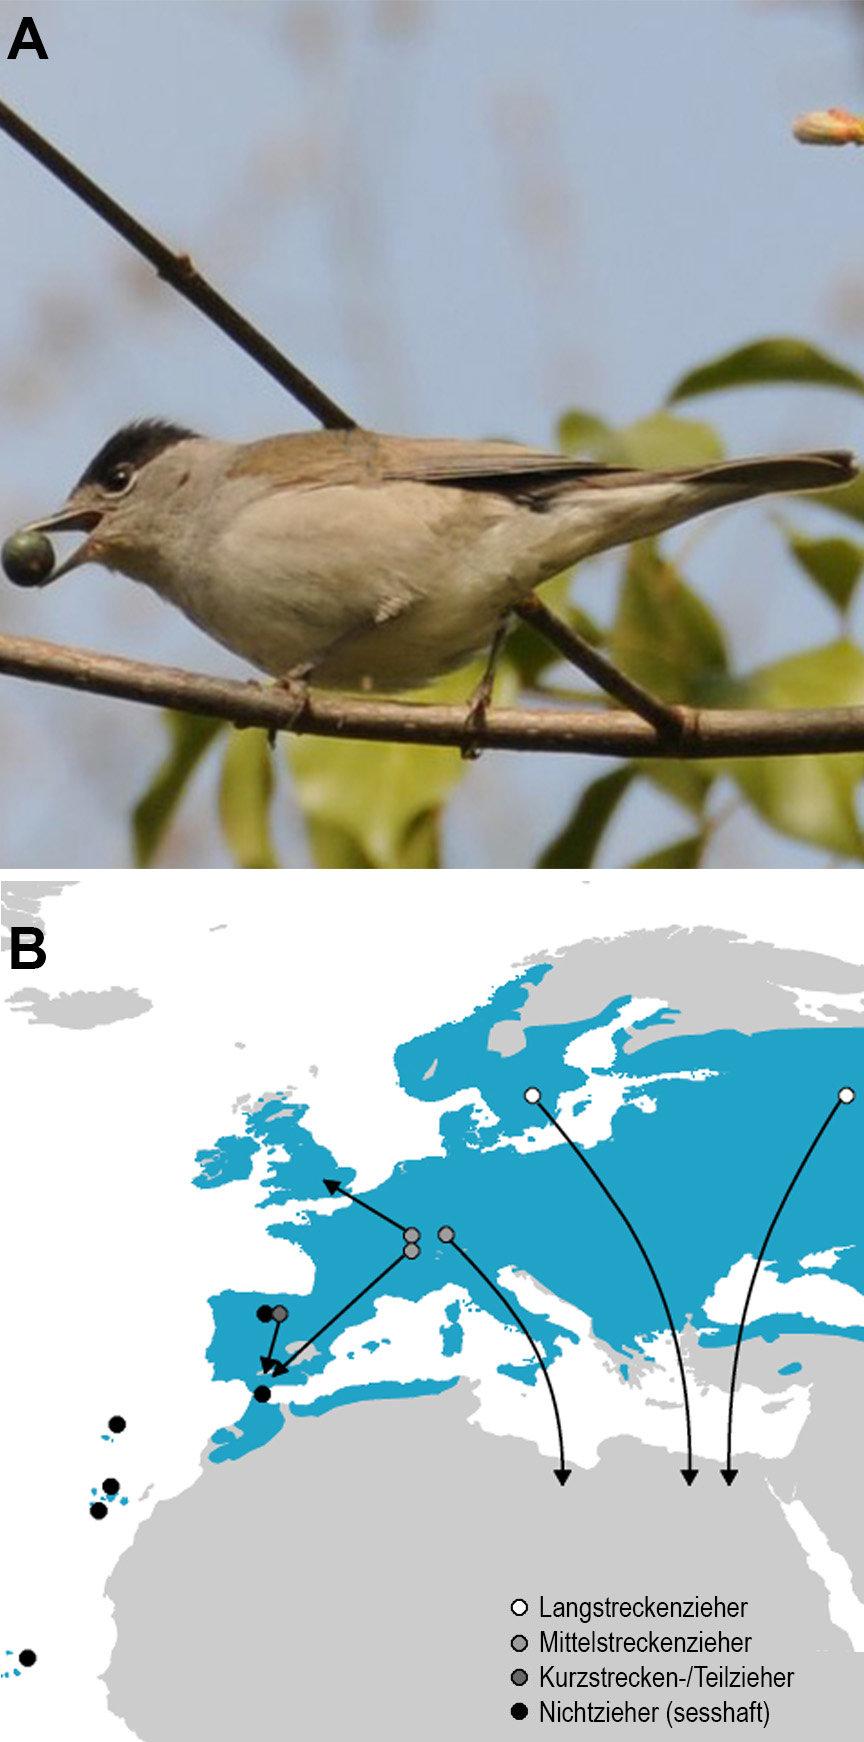 Abb. 1: (A) Männliche Mönchsgrasmücke Sylvia atricapilla mit ihrer namensgebenden charakteristischen schwarzen Kappe. (B) Verbreitungsgebiet der Europ